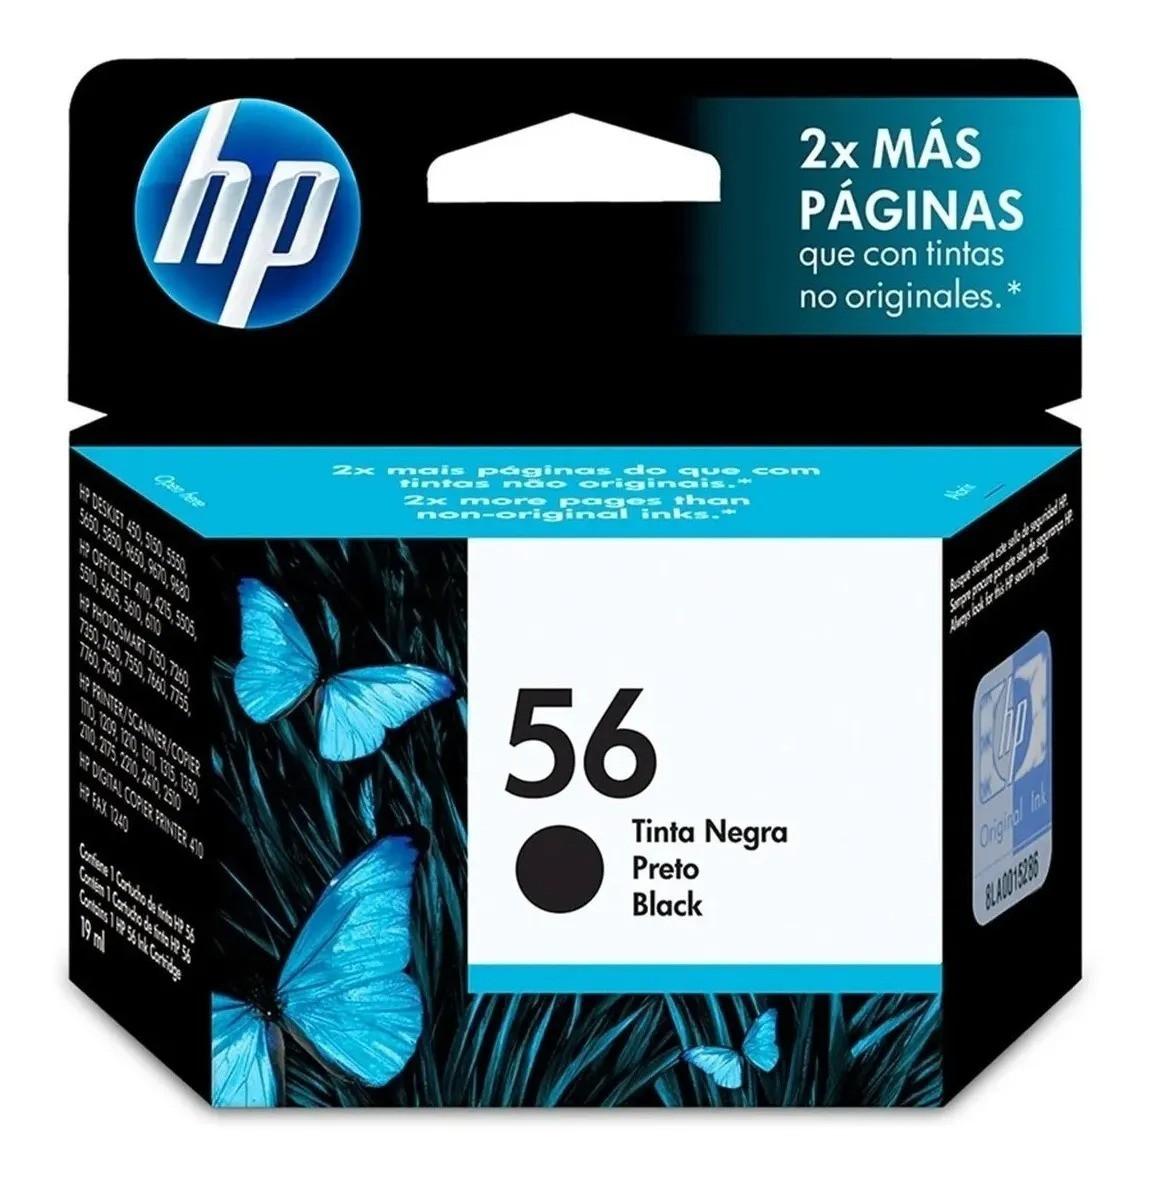 CARTUCHO DE TINTA HP 56 PRETO